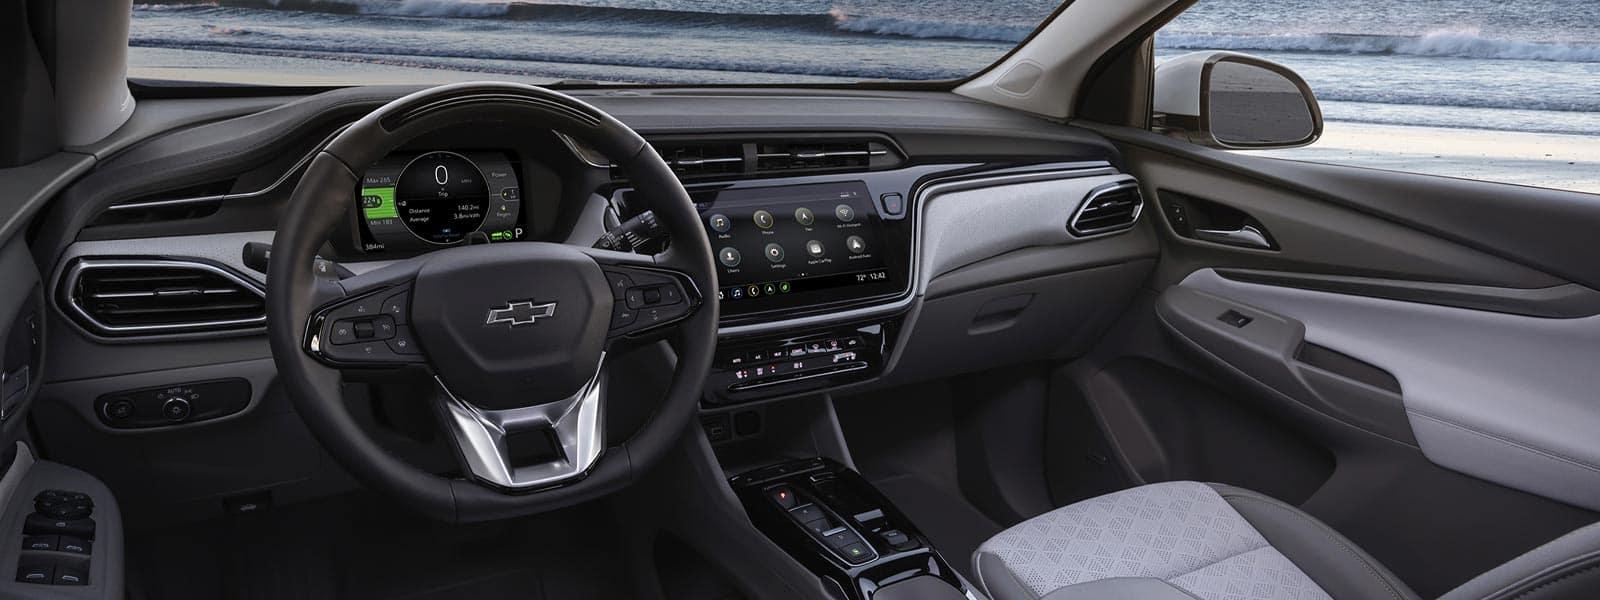 Lease or finance new 2022 Chevrolet Bolt EUV in Woodbridge Ontario